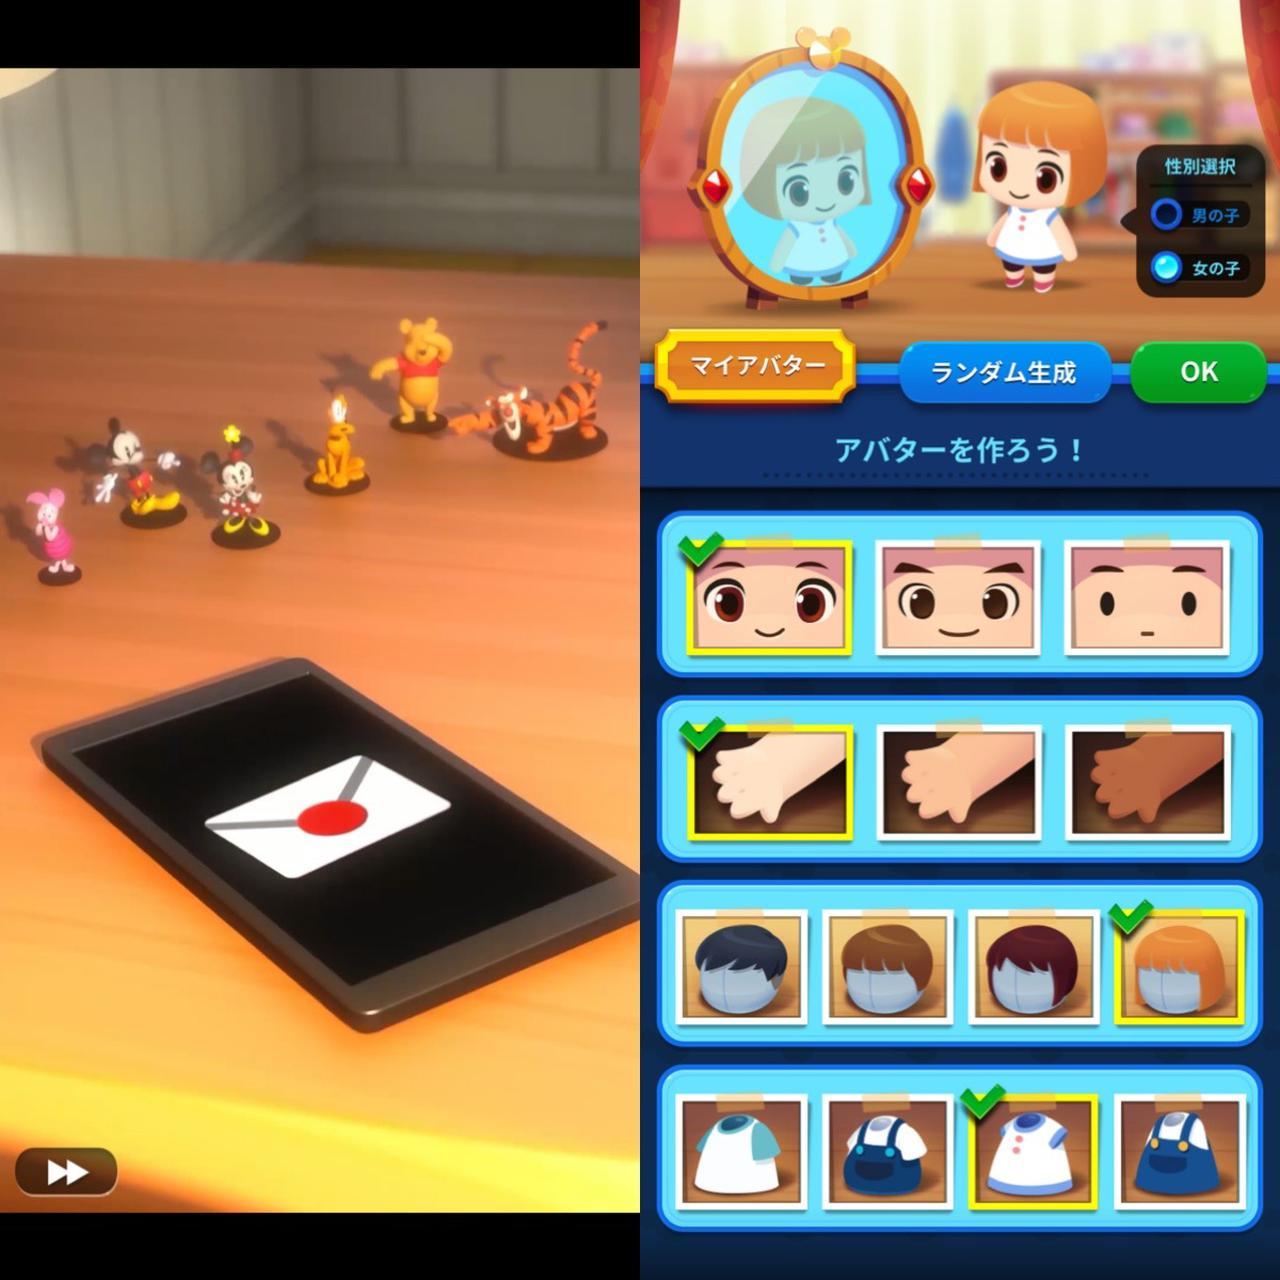 画像1: アプリ開始のムービーから可愛い。まずは可愛いアバター作り!